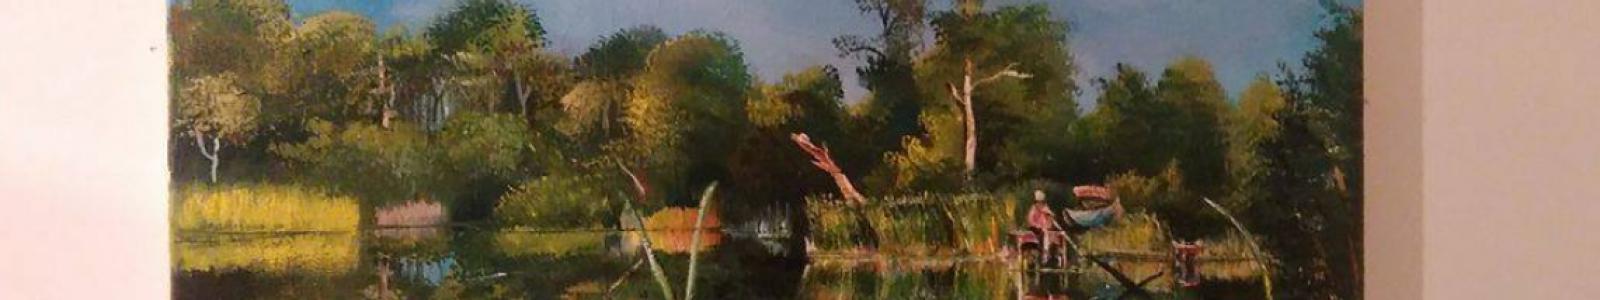 Gallery Painter zauri tsomaia